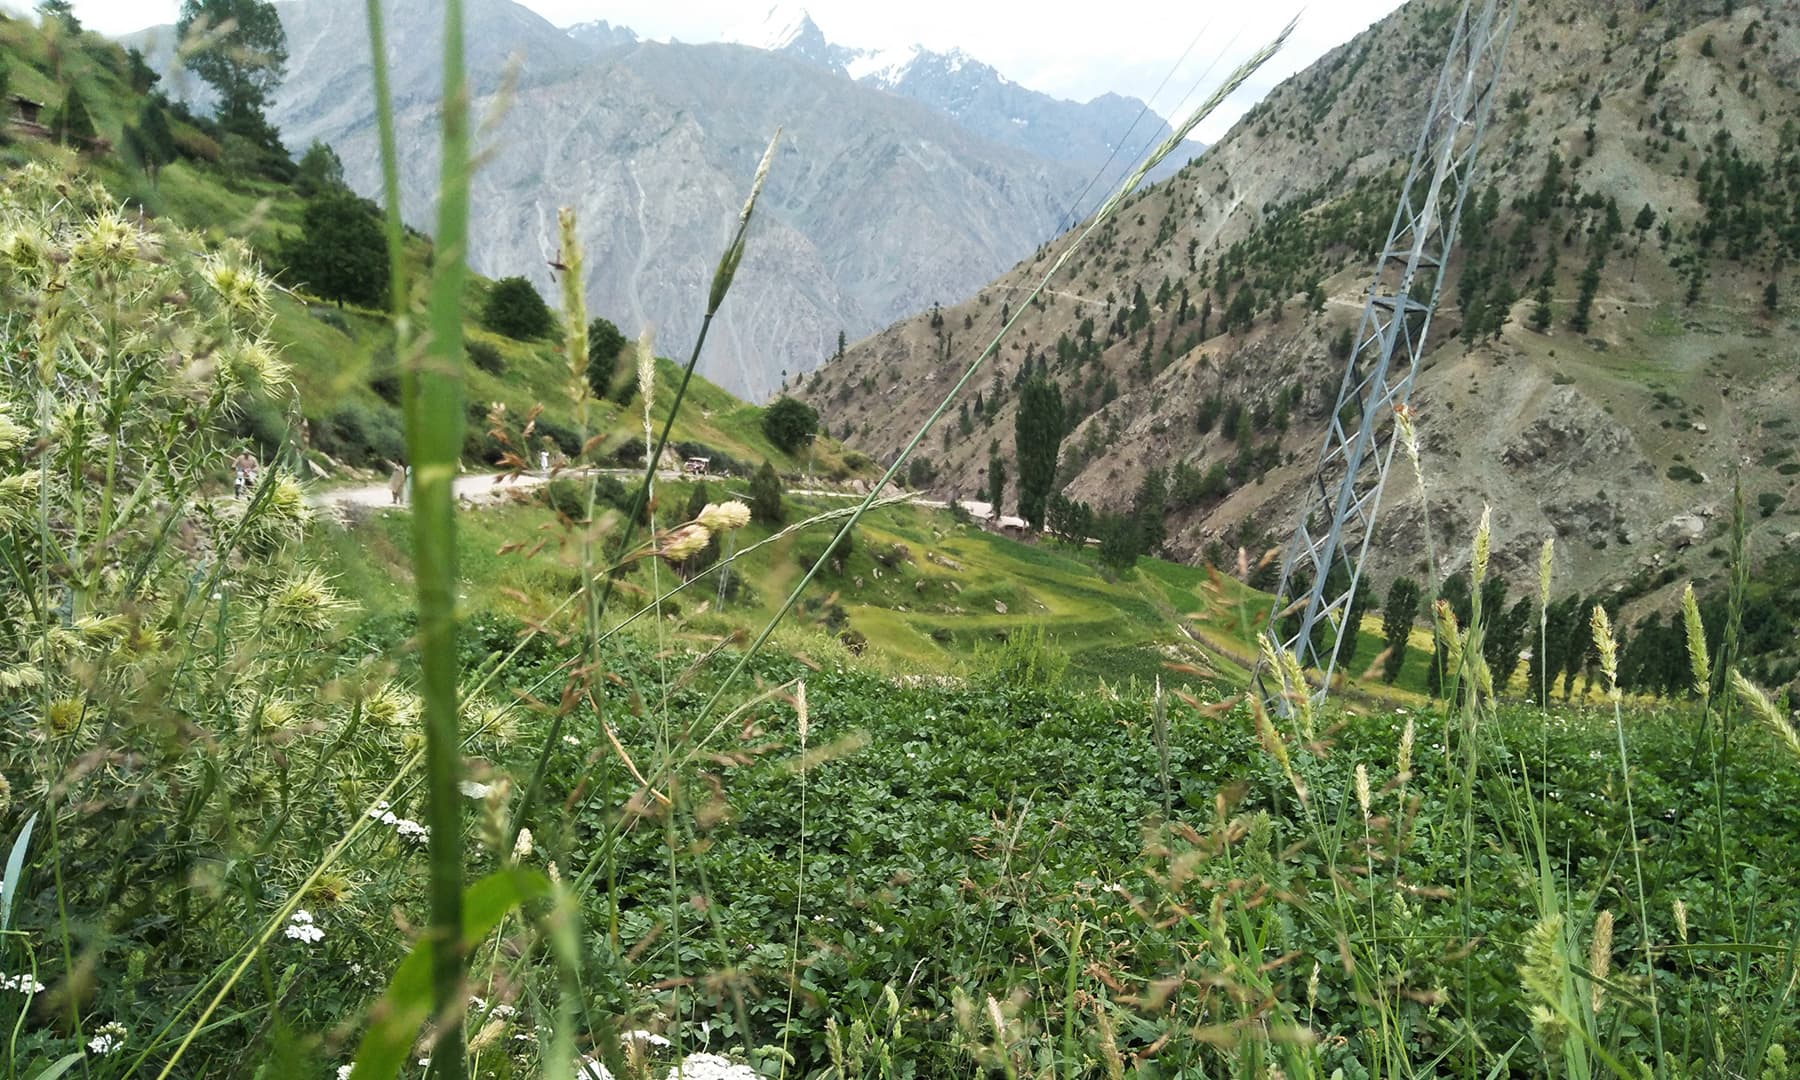 راما سرسبز لہلہاتے کھیتوں اور پھولوں پر مشتمل ایک وادی کا نام ہے—تصویر عظمت اکبر